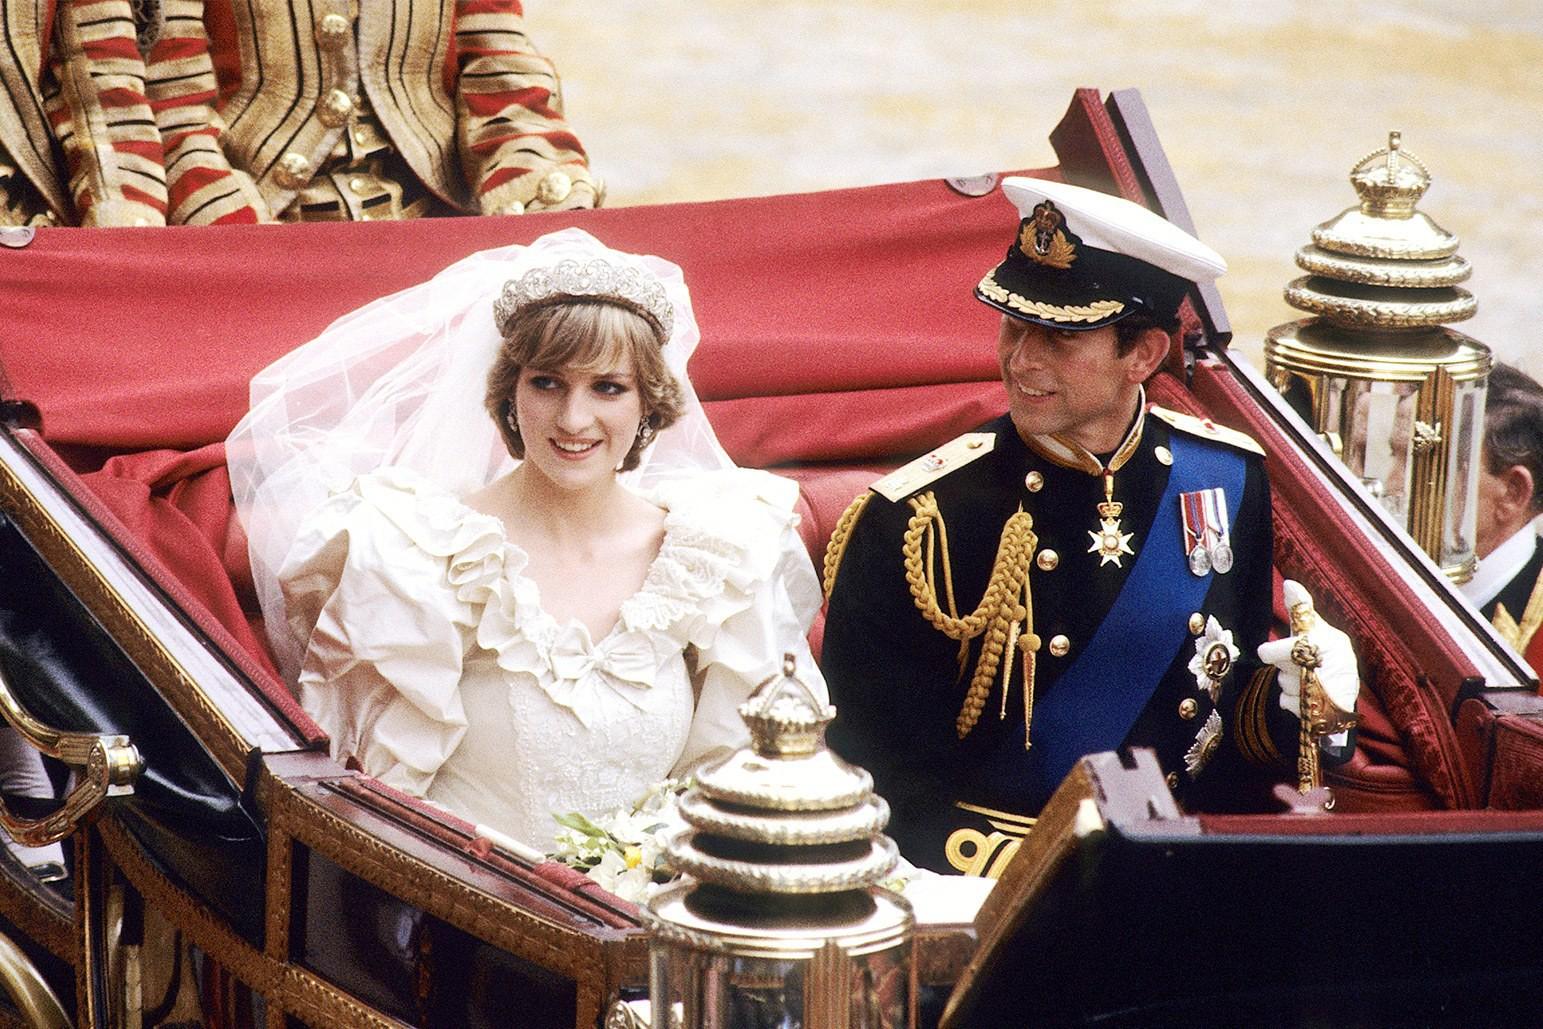 Những đám cưới đẹp như cổ tích trong lịch sử 100 năm hoàng gia Anh - Ảnh 14.